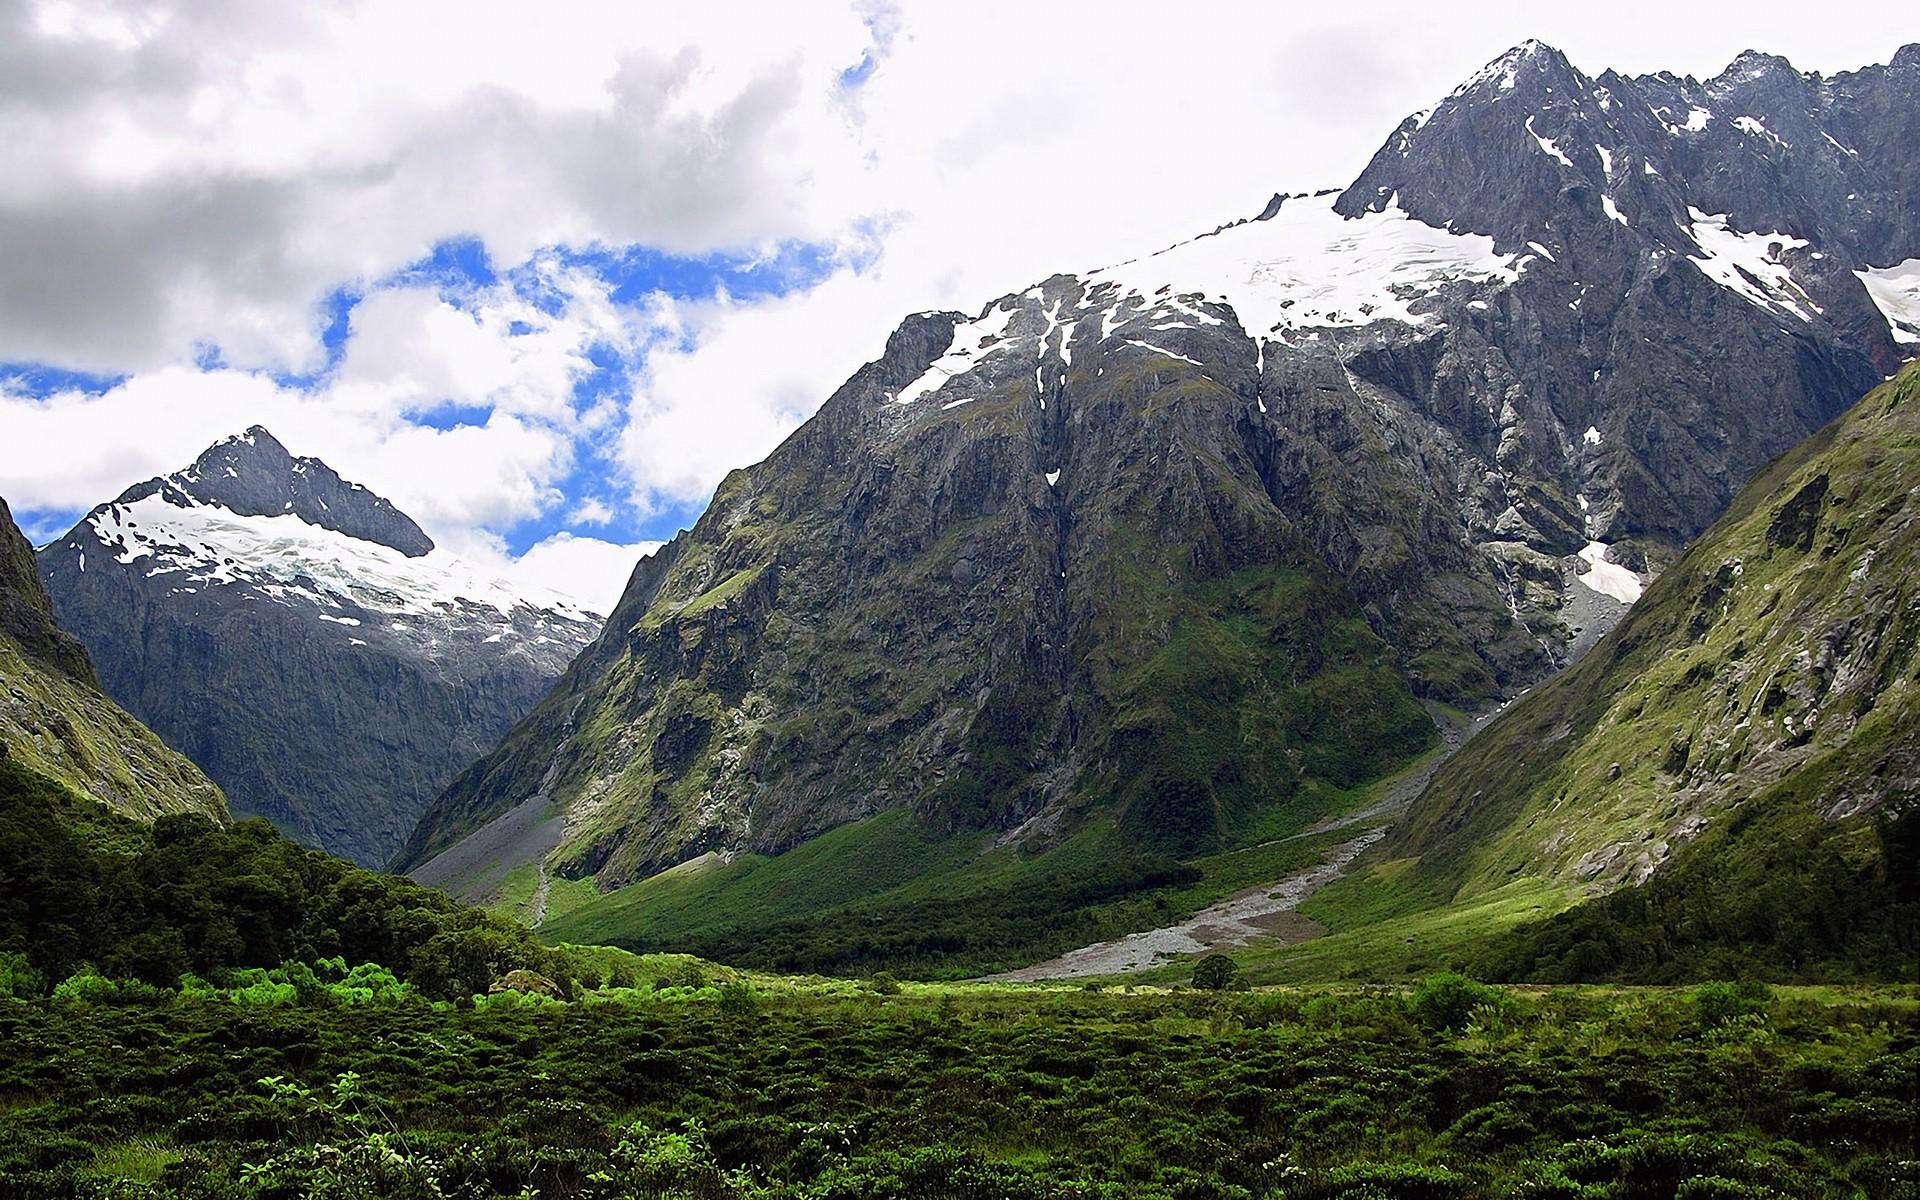 Roundup: 20 Excellent Mountain Landscape Wallpapers | CrispMe